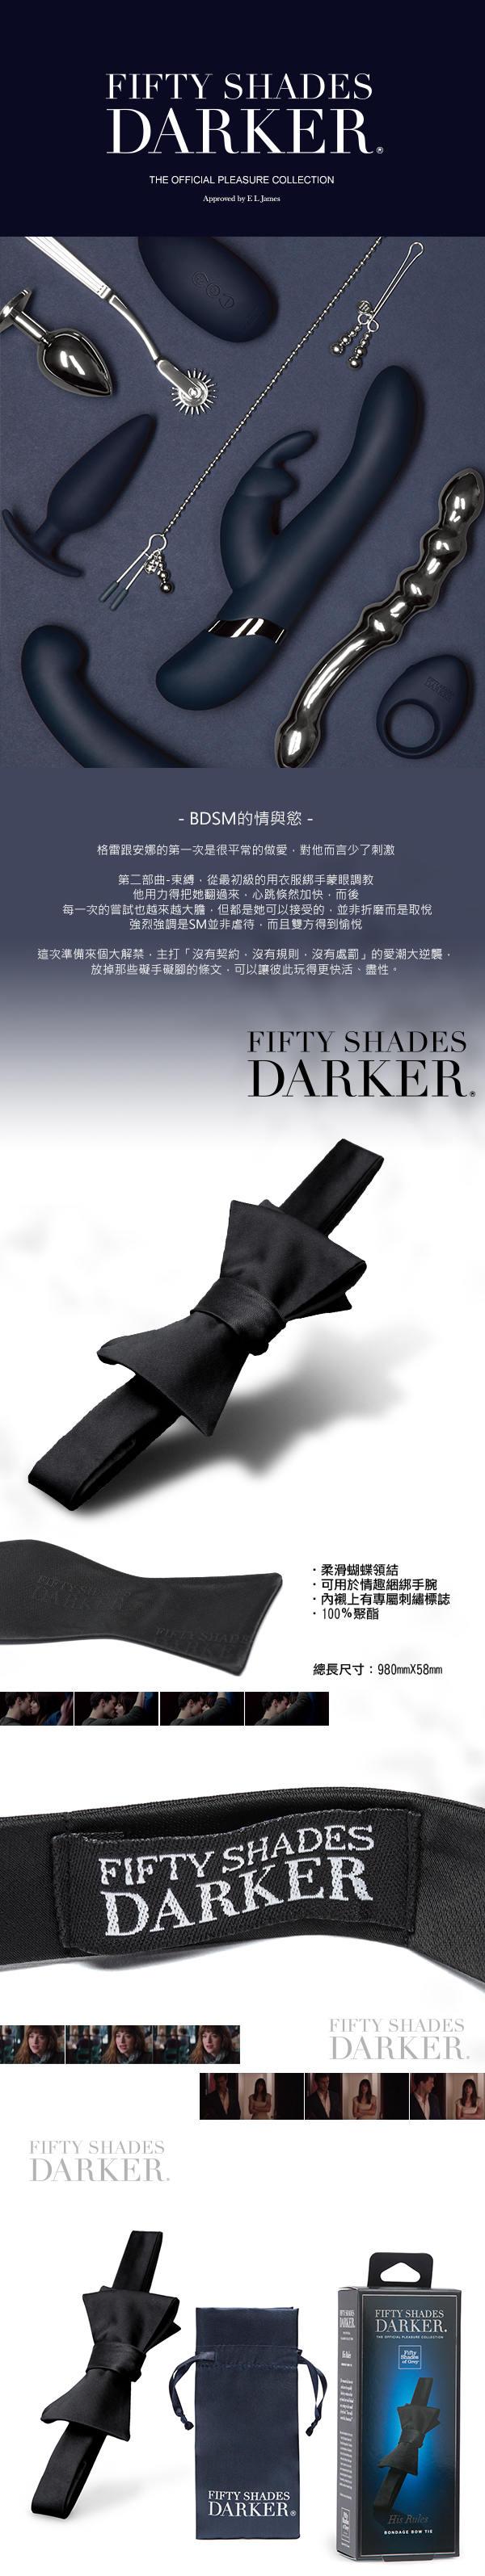 Fifty Shades Darker 格雷的五十道陰影2-束縛 情趣綑綁 柔滑蝴蝶領結